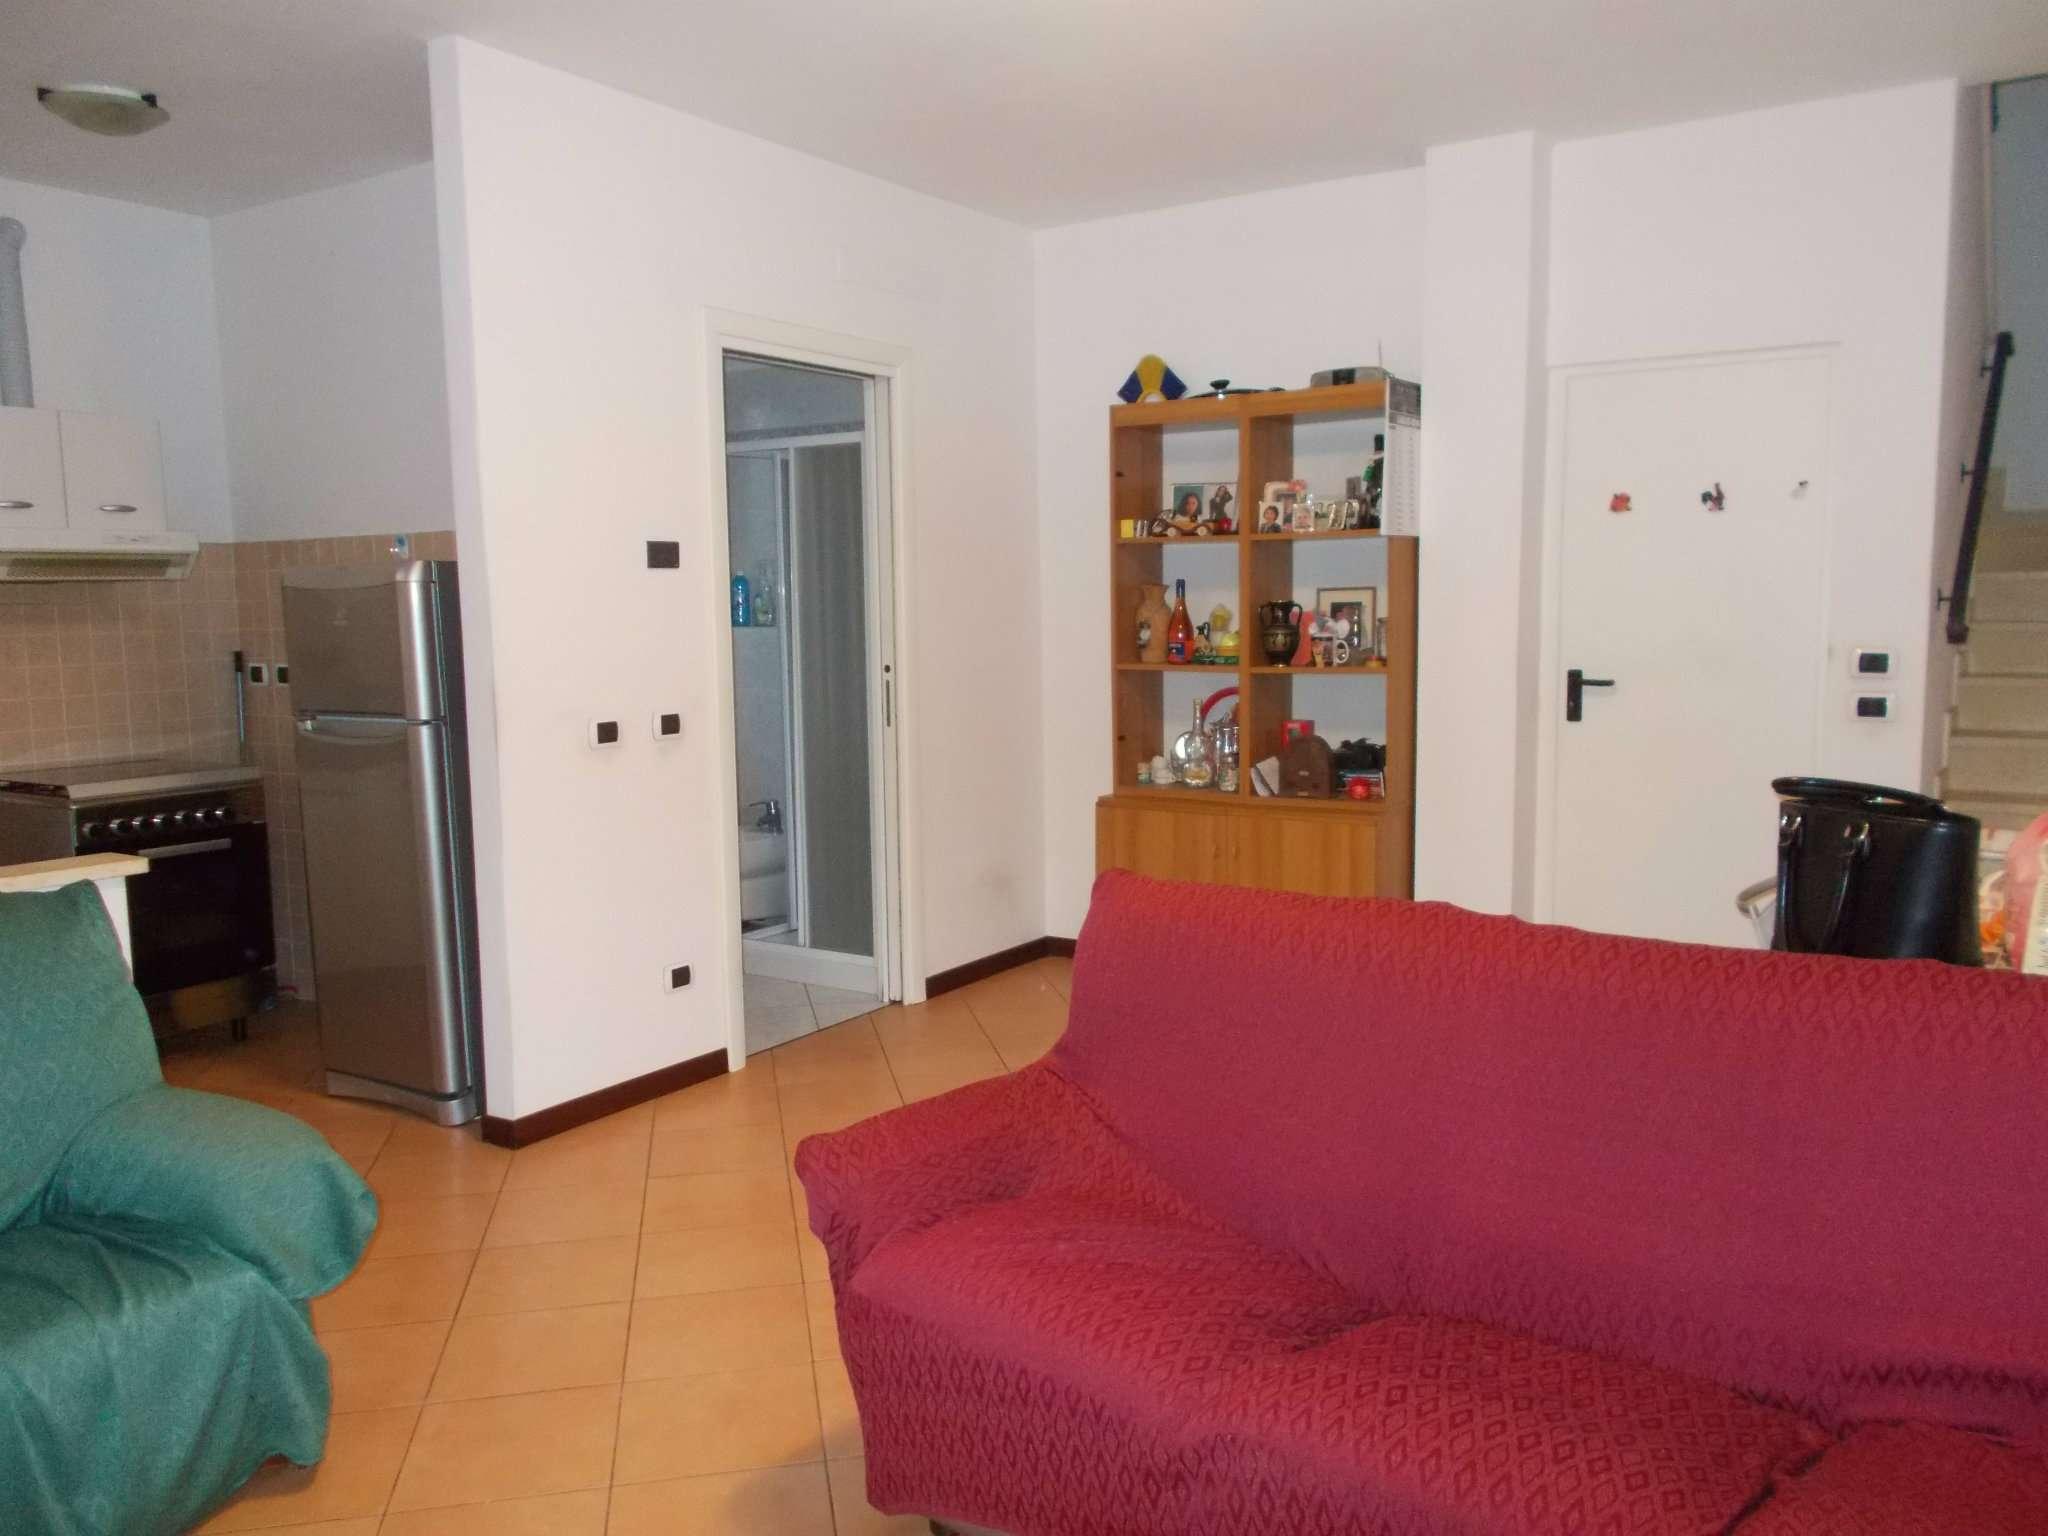 Soluzione Indipendente in vendita a San Polo d'Enza, 4 locali, prezzo € 220.000 | CambioCasa.it